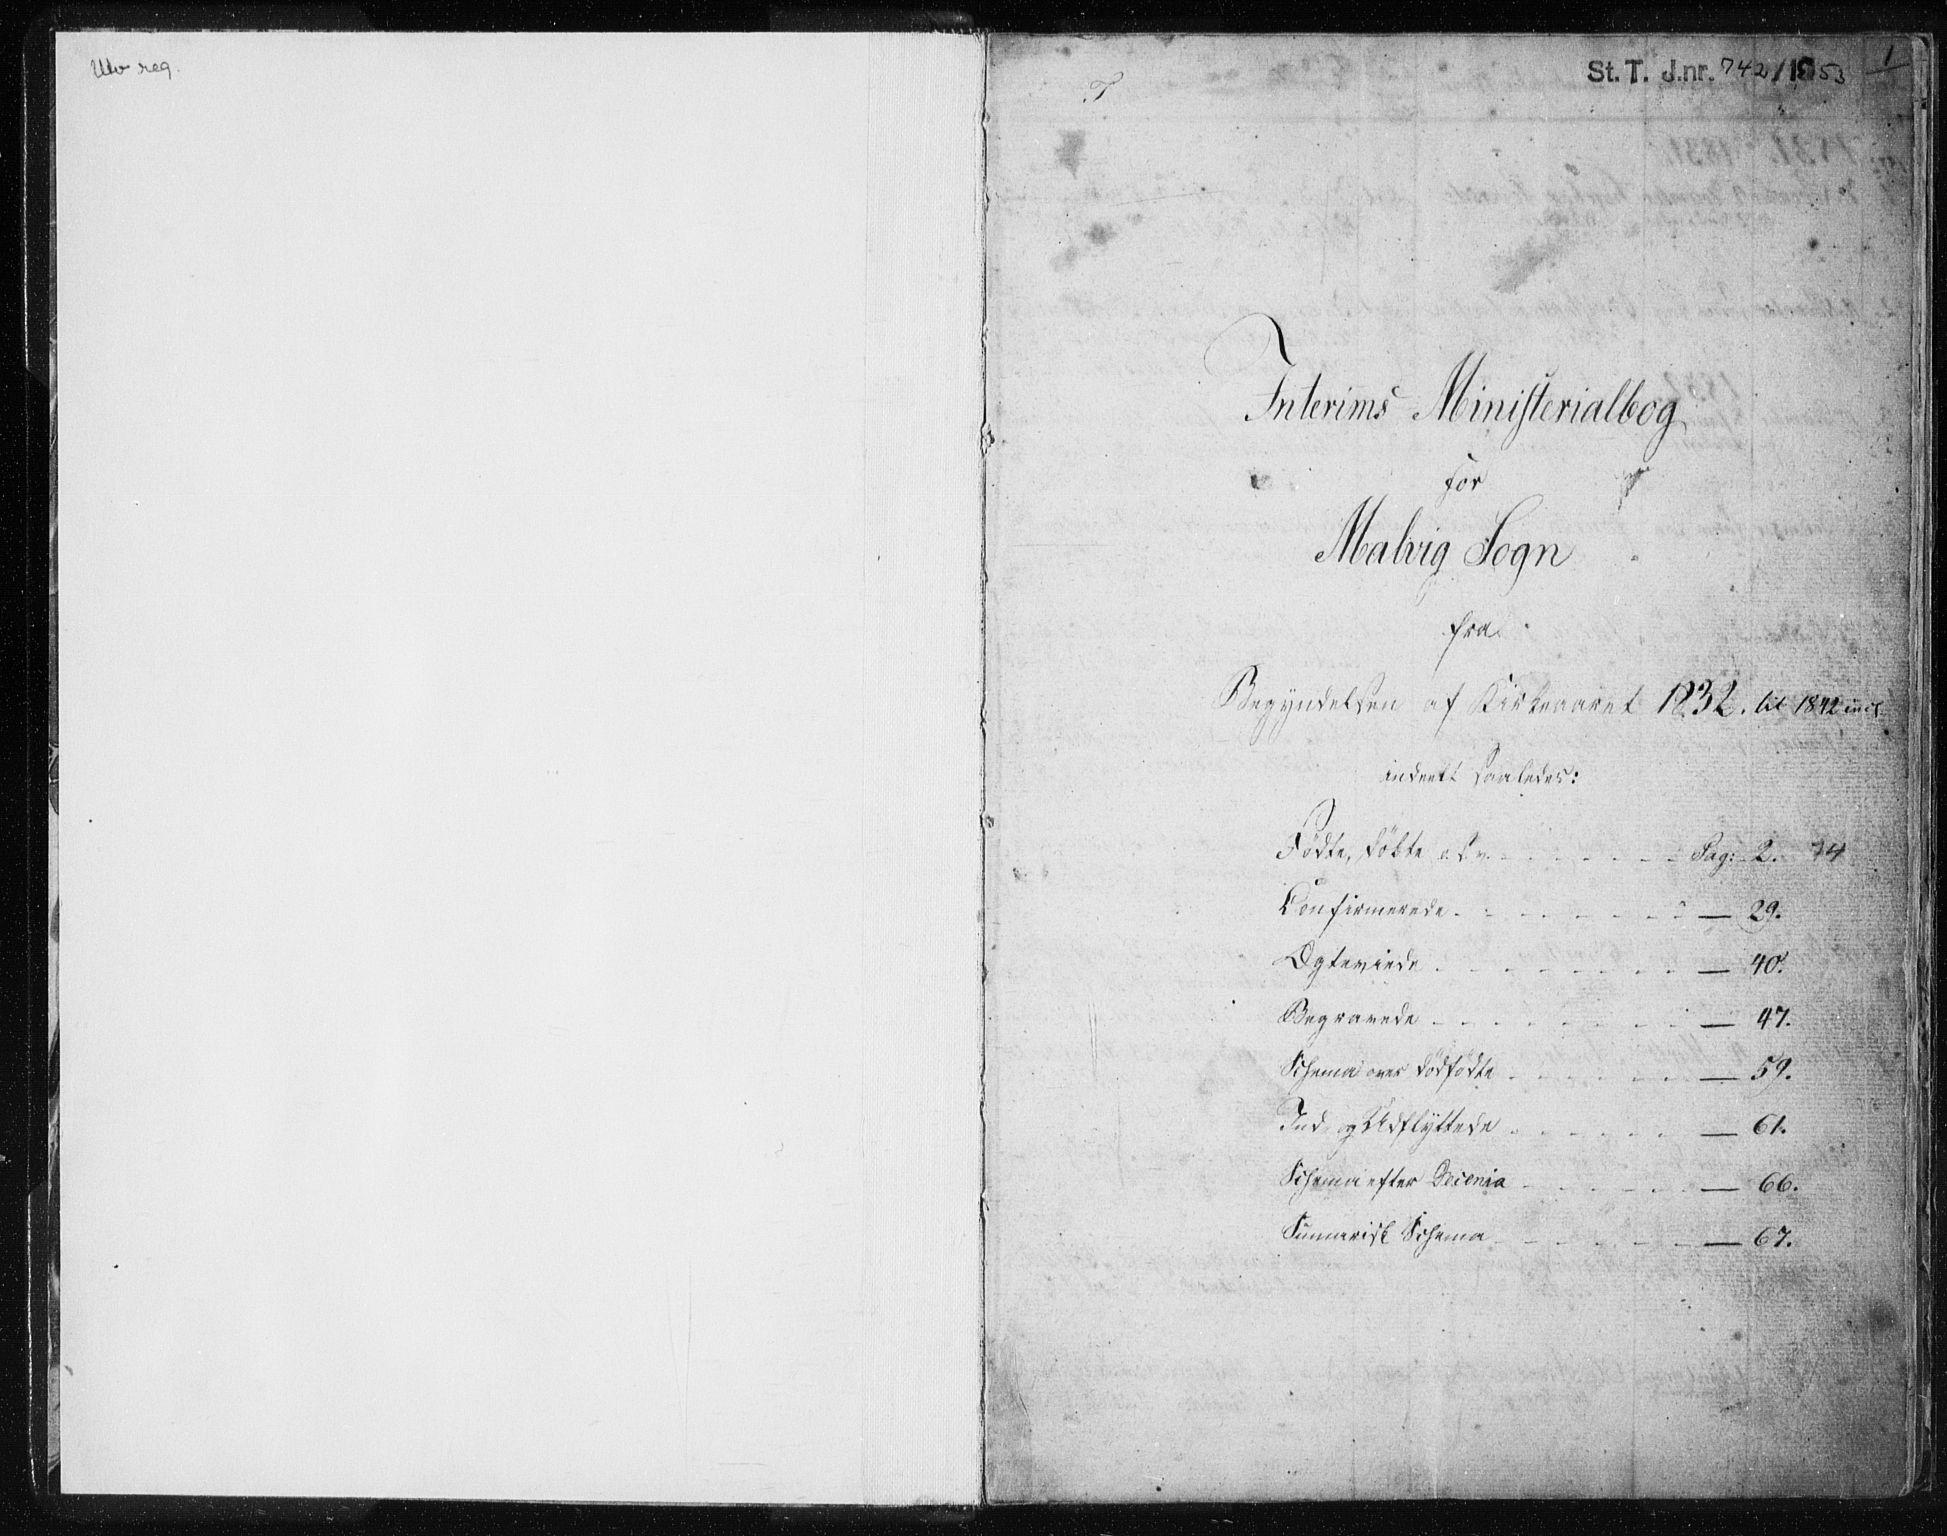 SAT, Ministerialprotokoller, klokkerbøker og fødselsregistre - Sør-Trøndelag, 616/L0405: Ministerialbok nr. 616A02, 1831-1842, s. 1